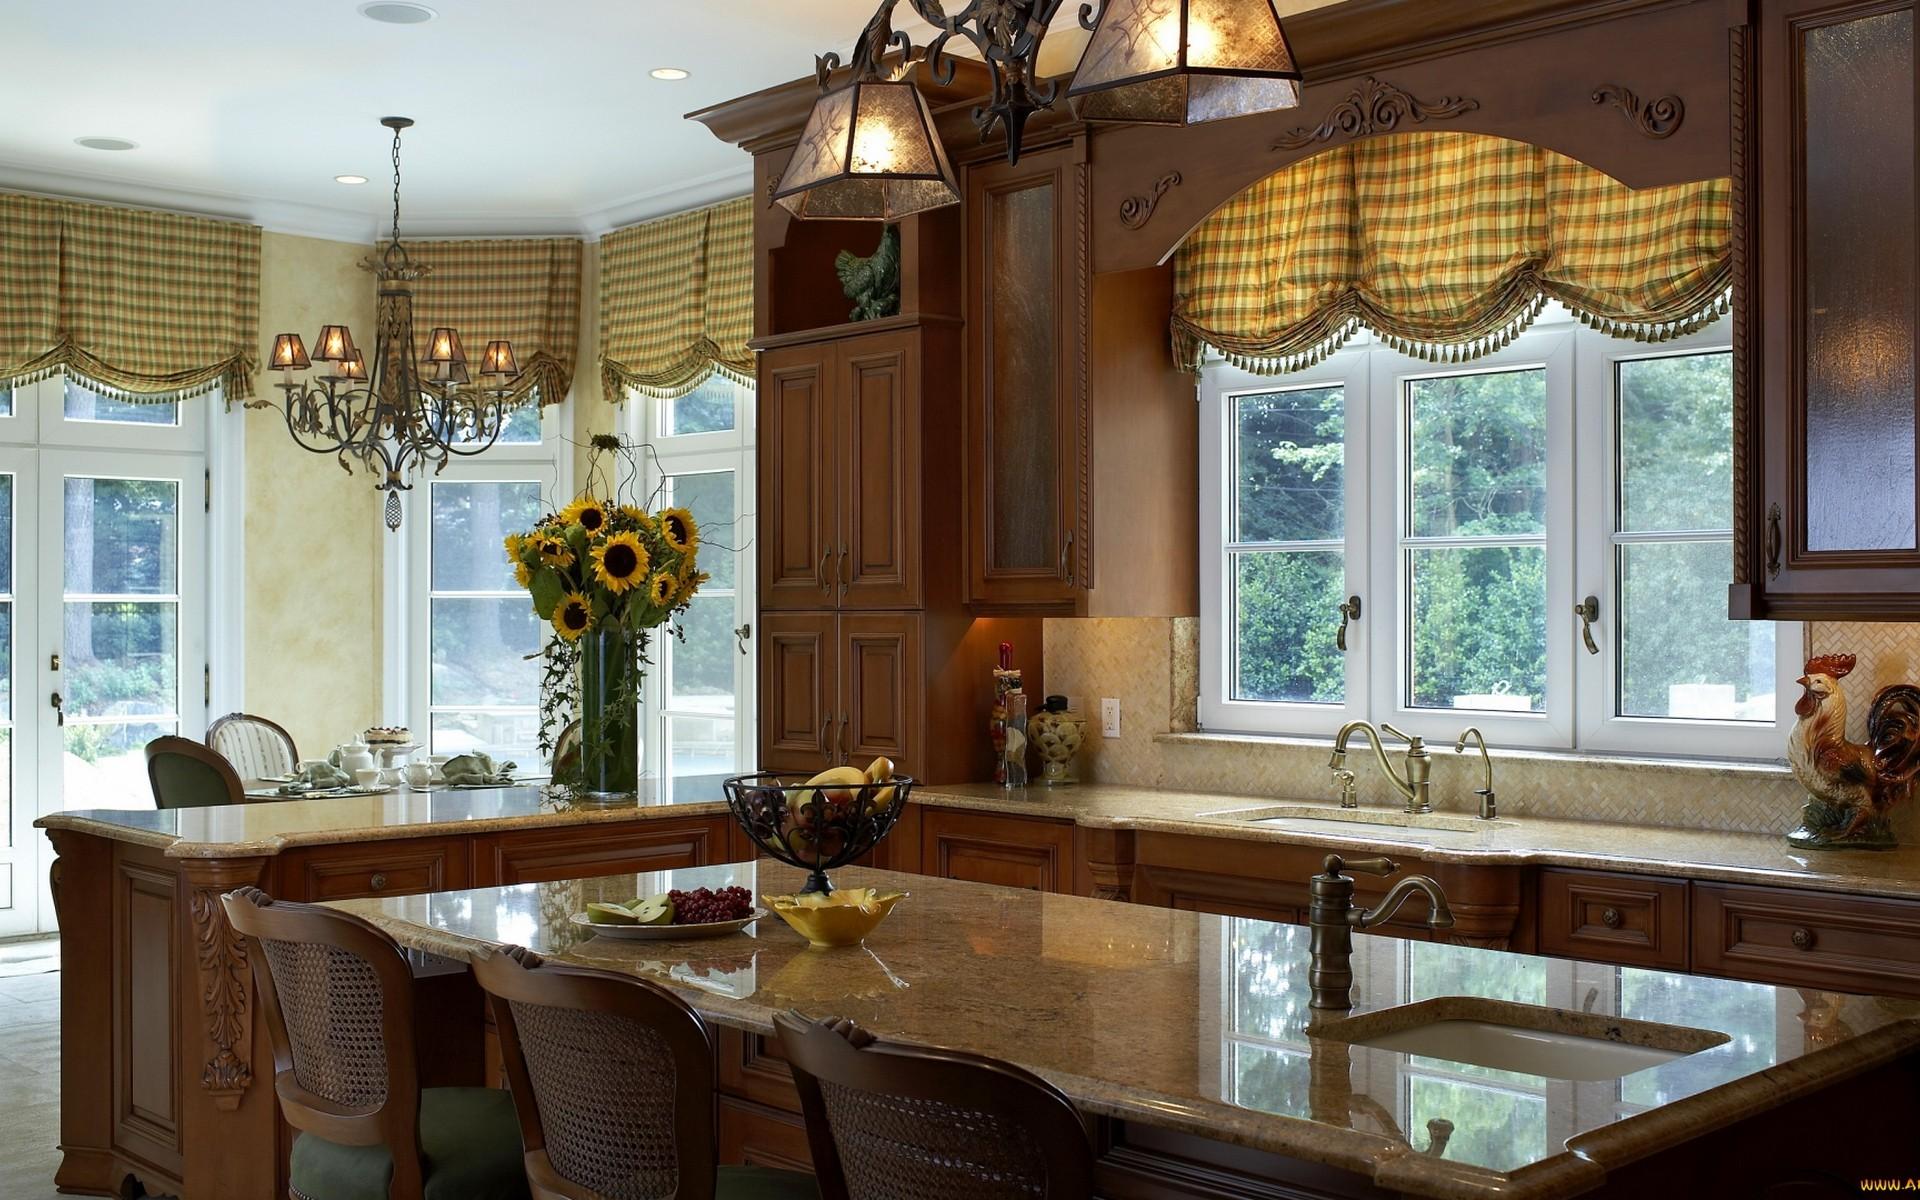 Fondos de pantalla : ventana, habitación, interior, adentro, cocina ...